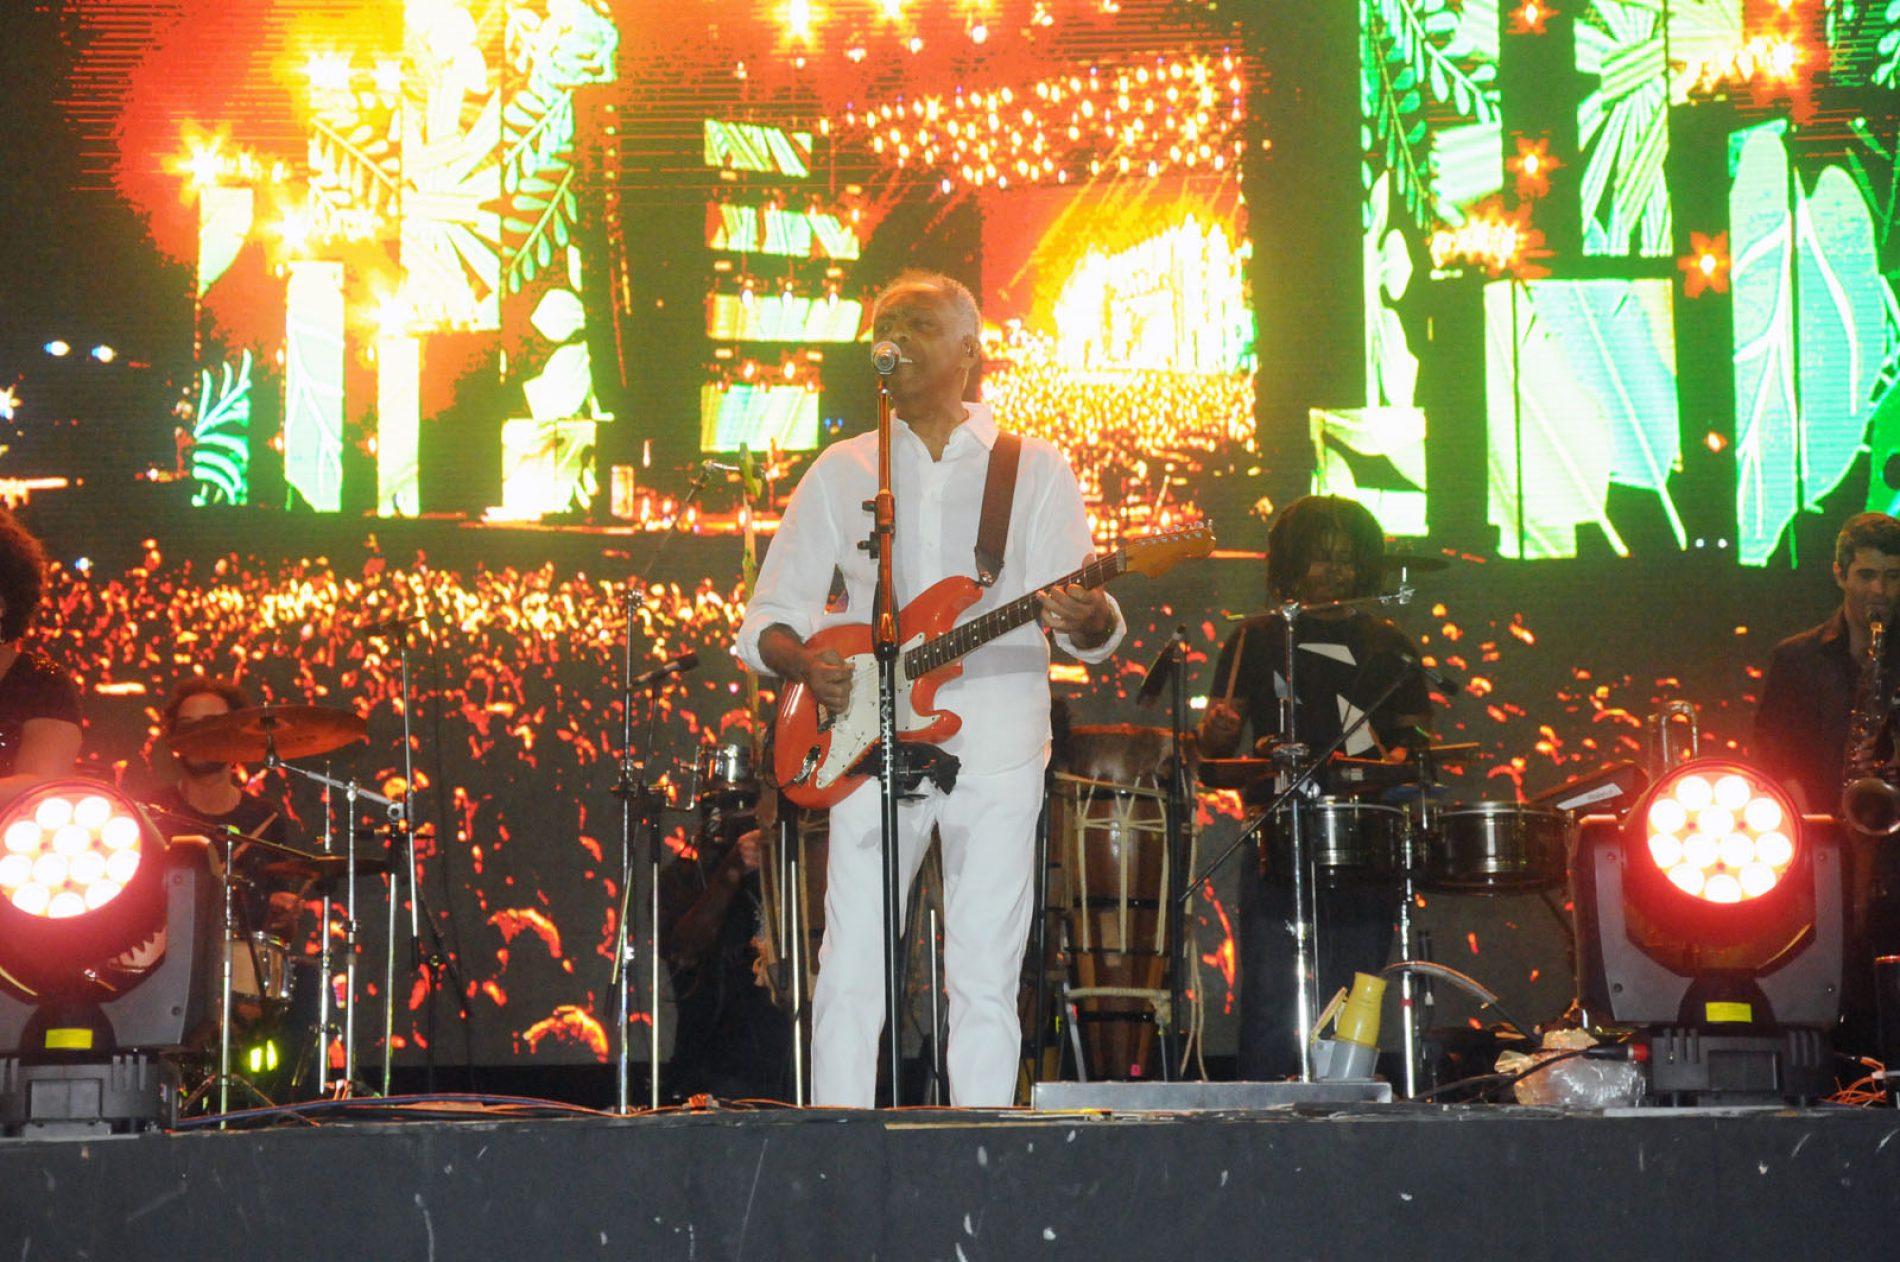 Maestria de Gilberto Gil embala show do Festival Virada Salvador